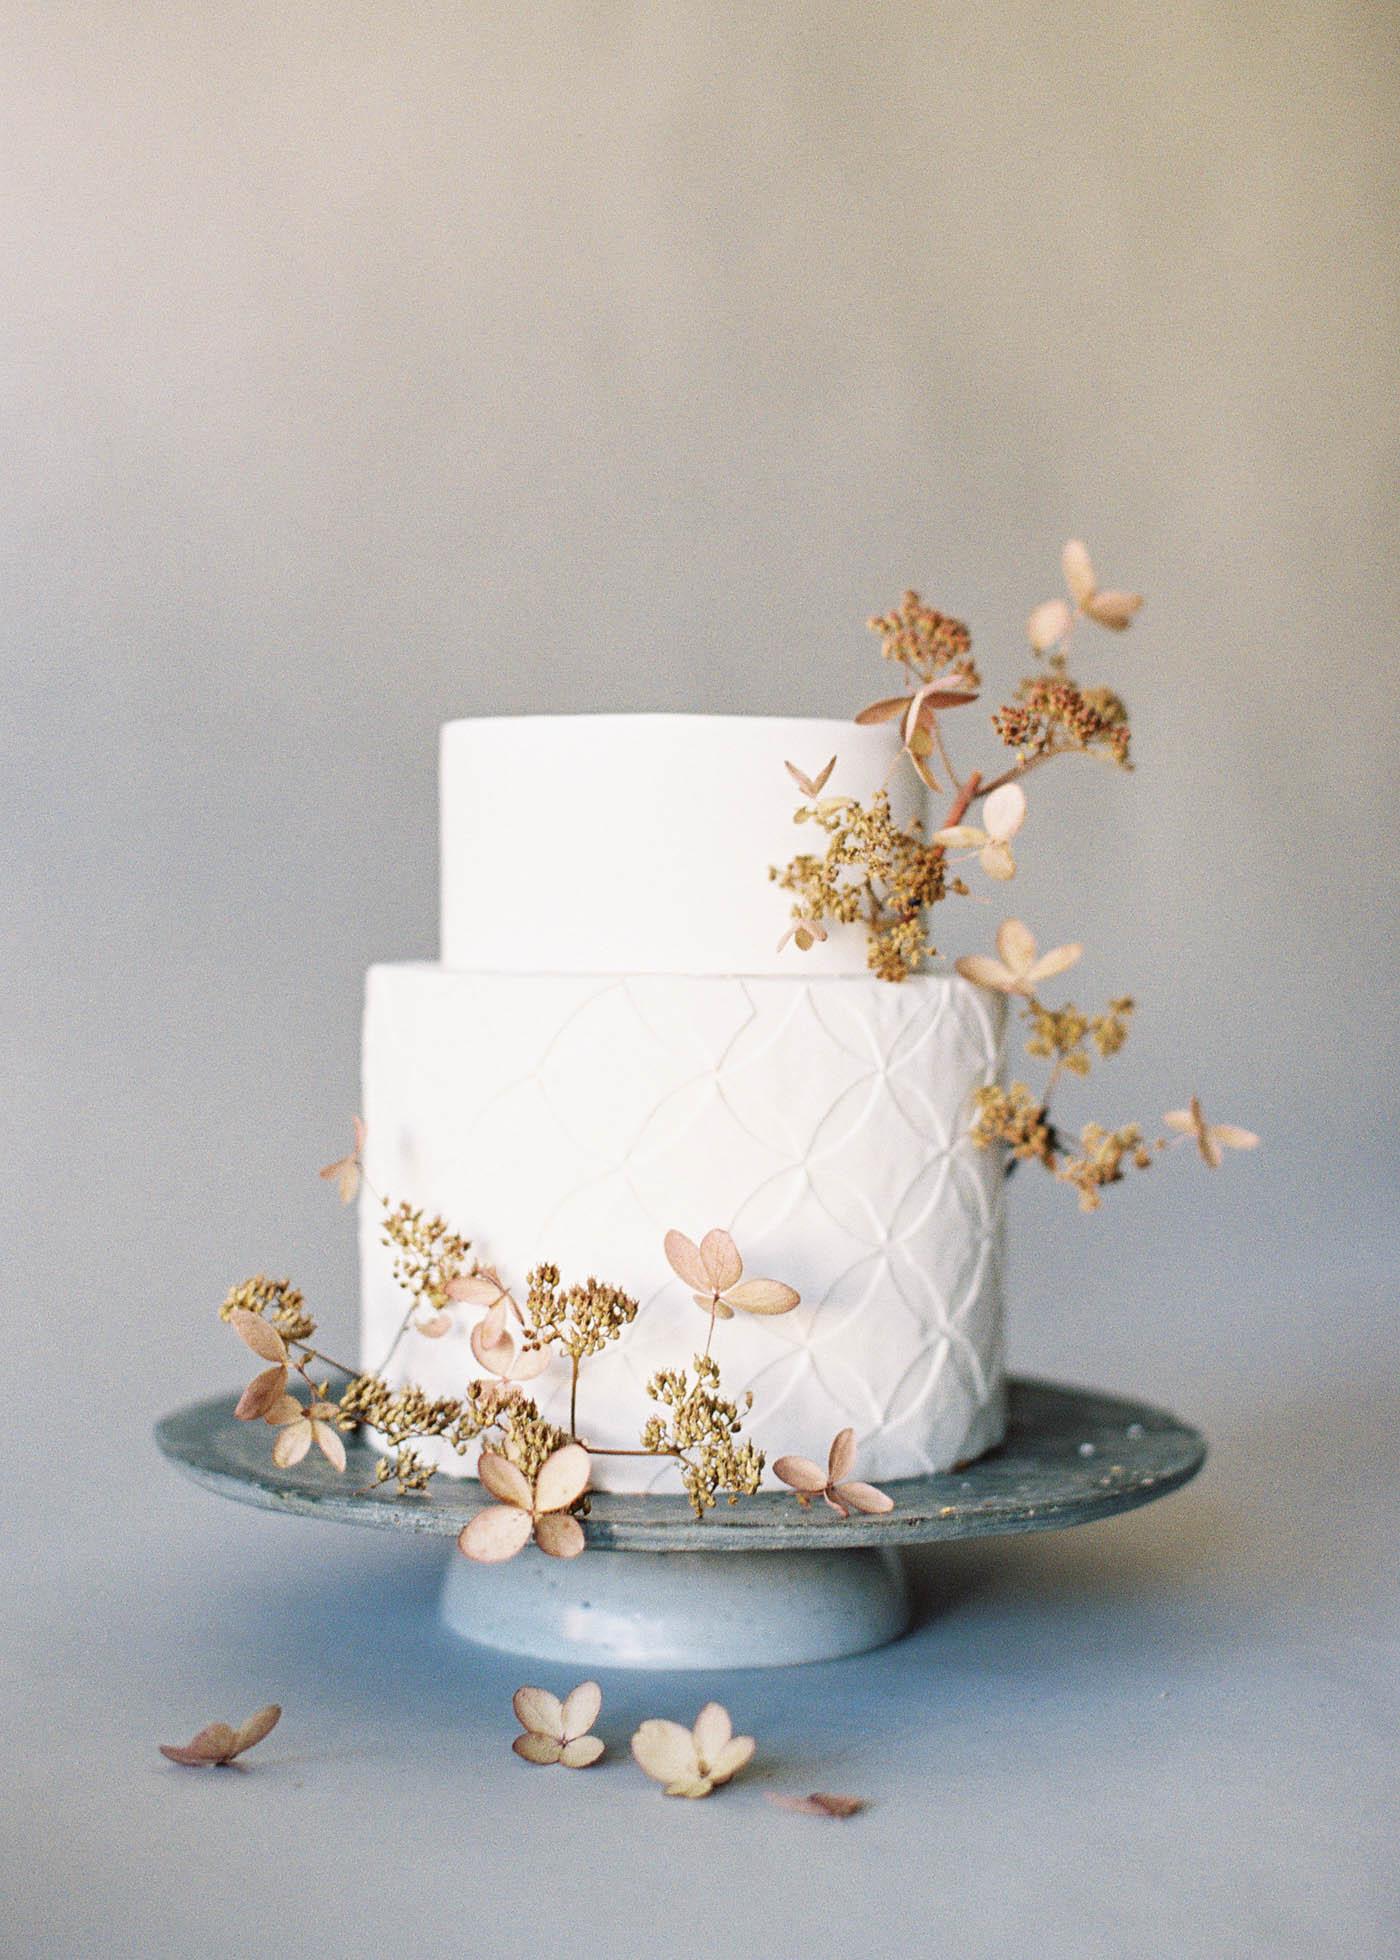 Cake-Favorites-4-Jen_Huang-000485-R1-019-8.jpg